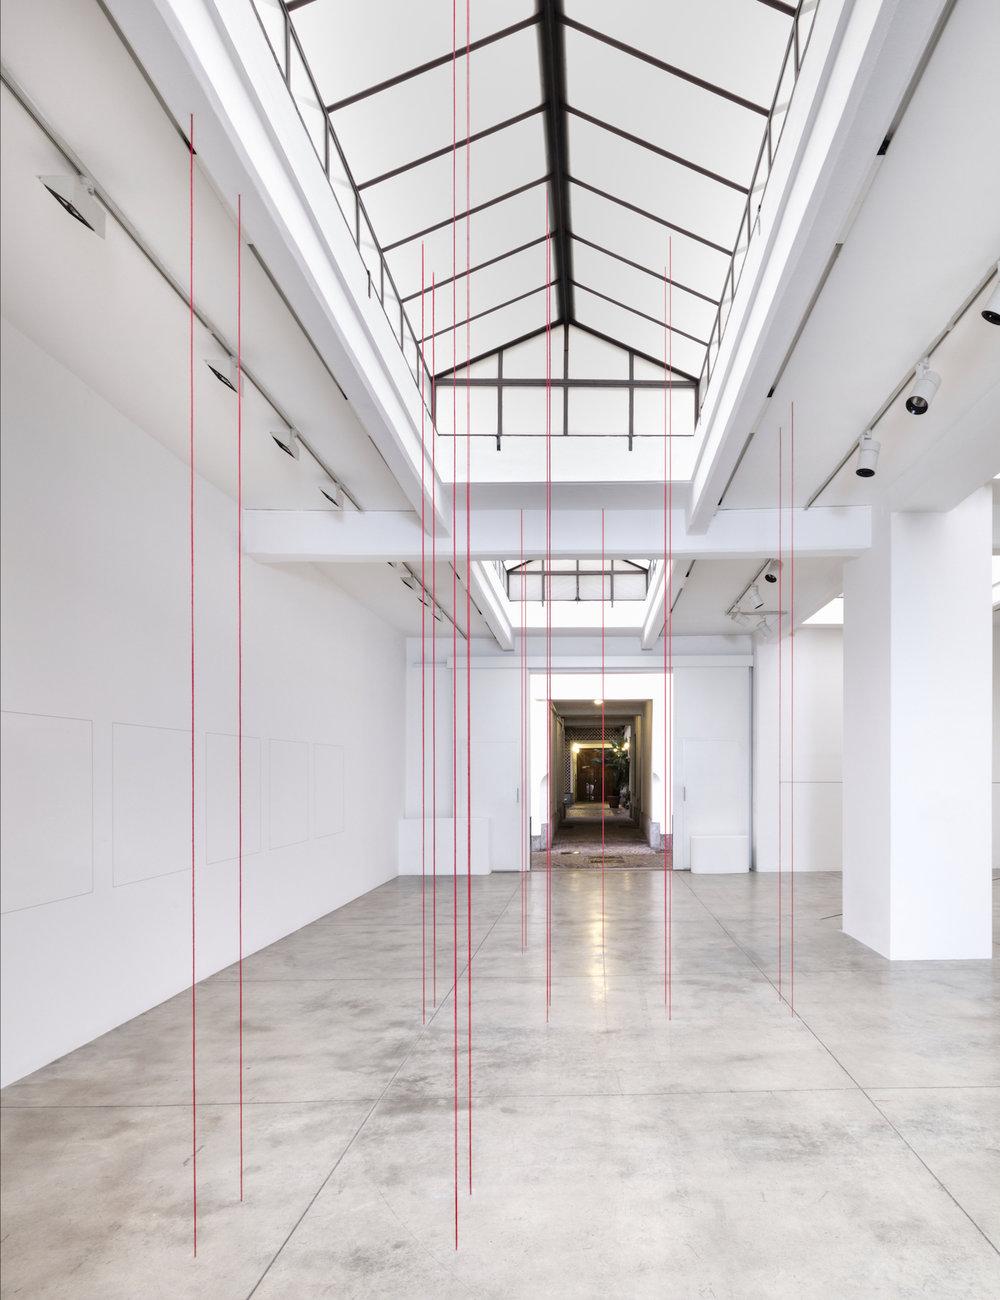 Cardi Gallery, Milan